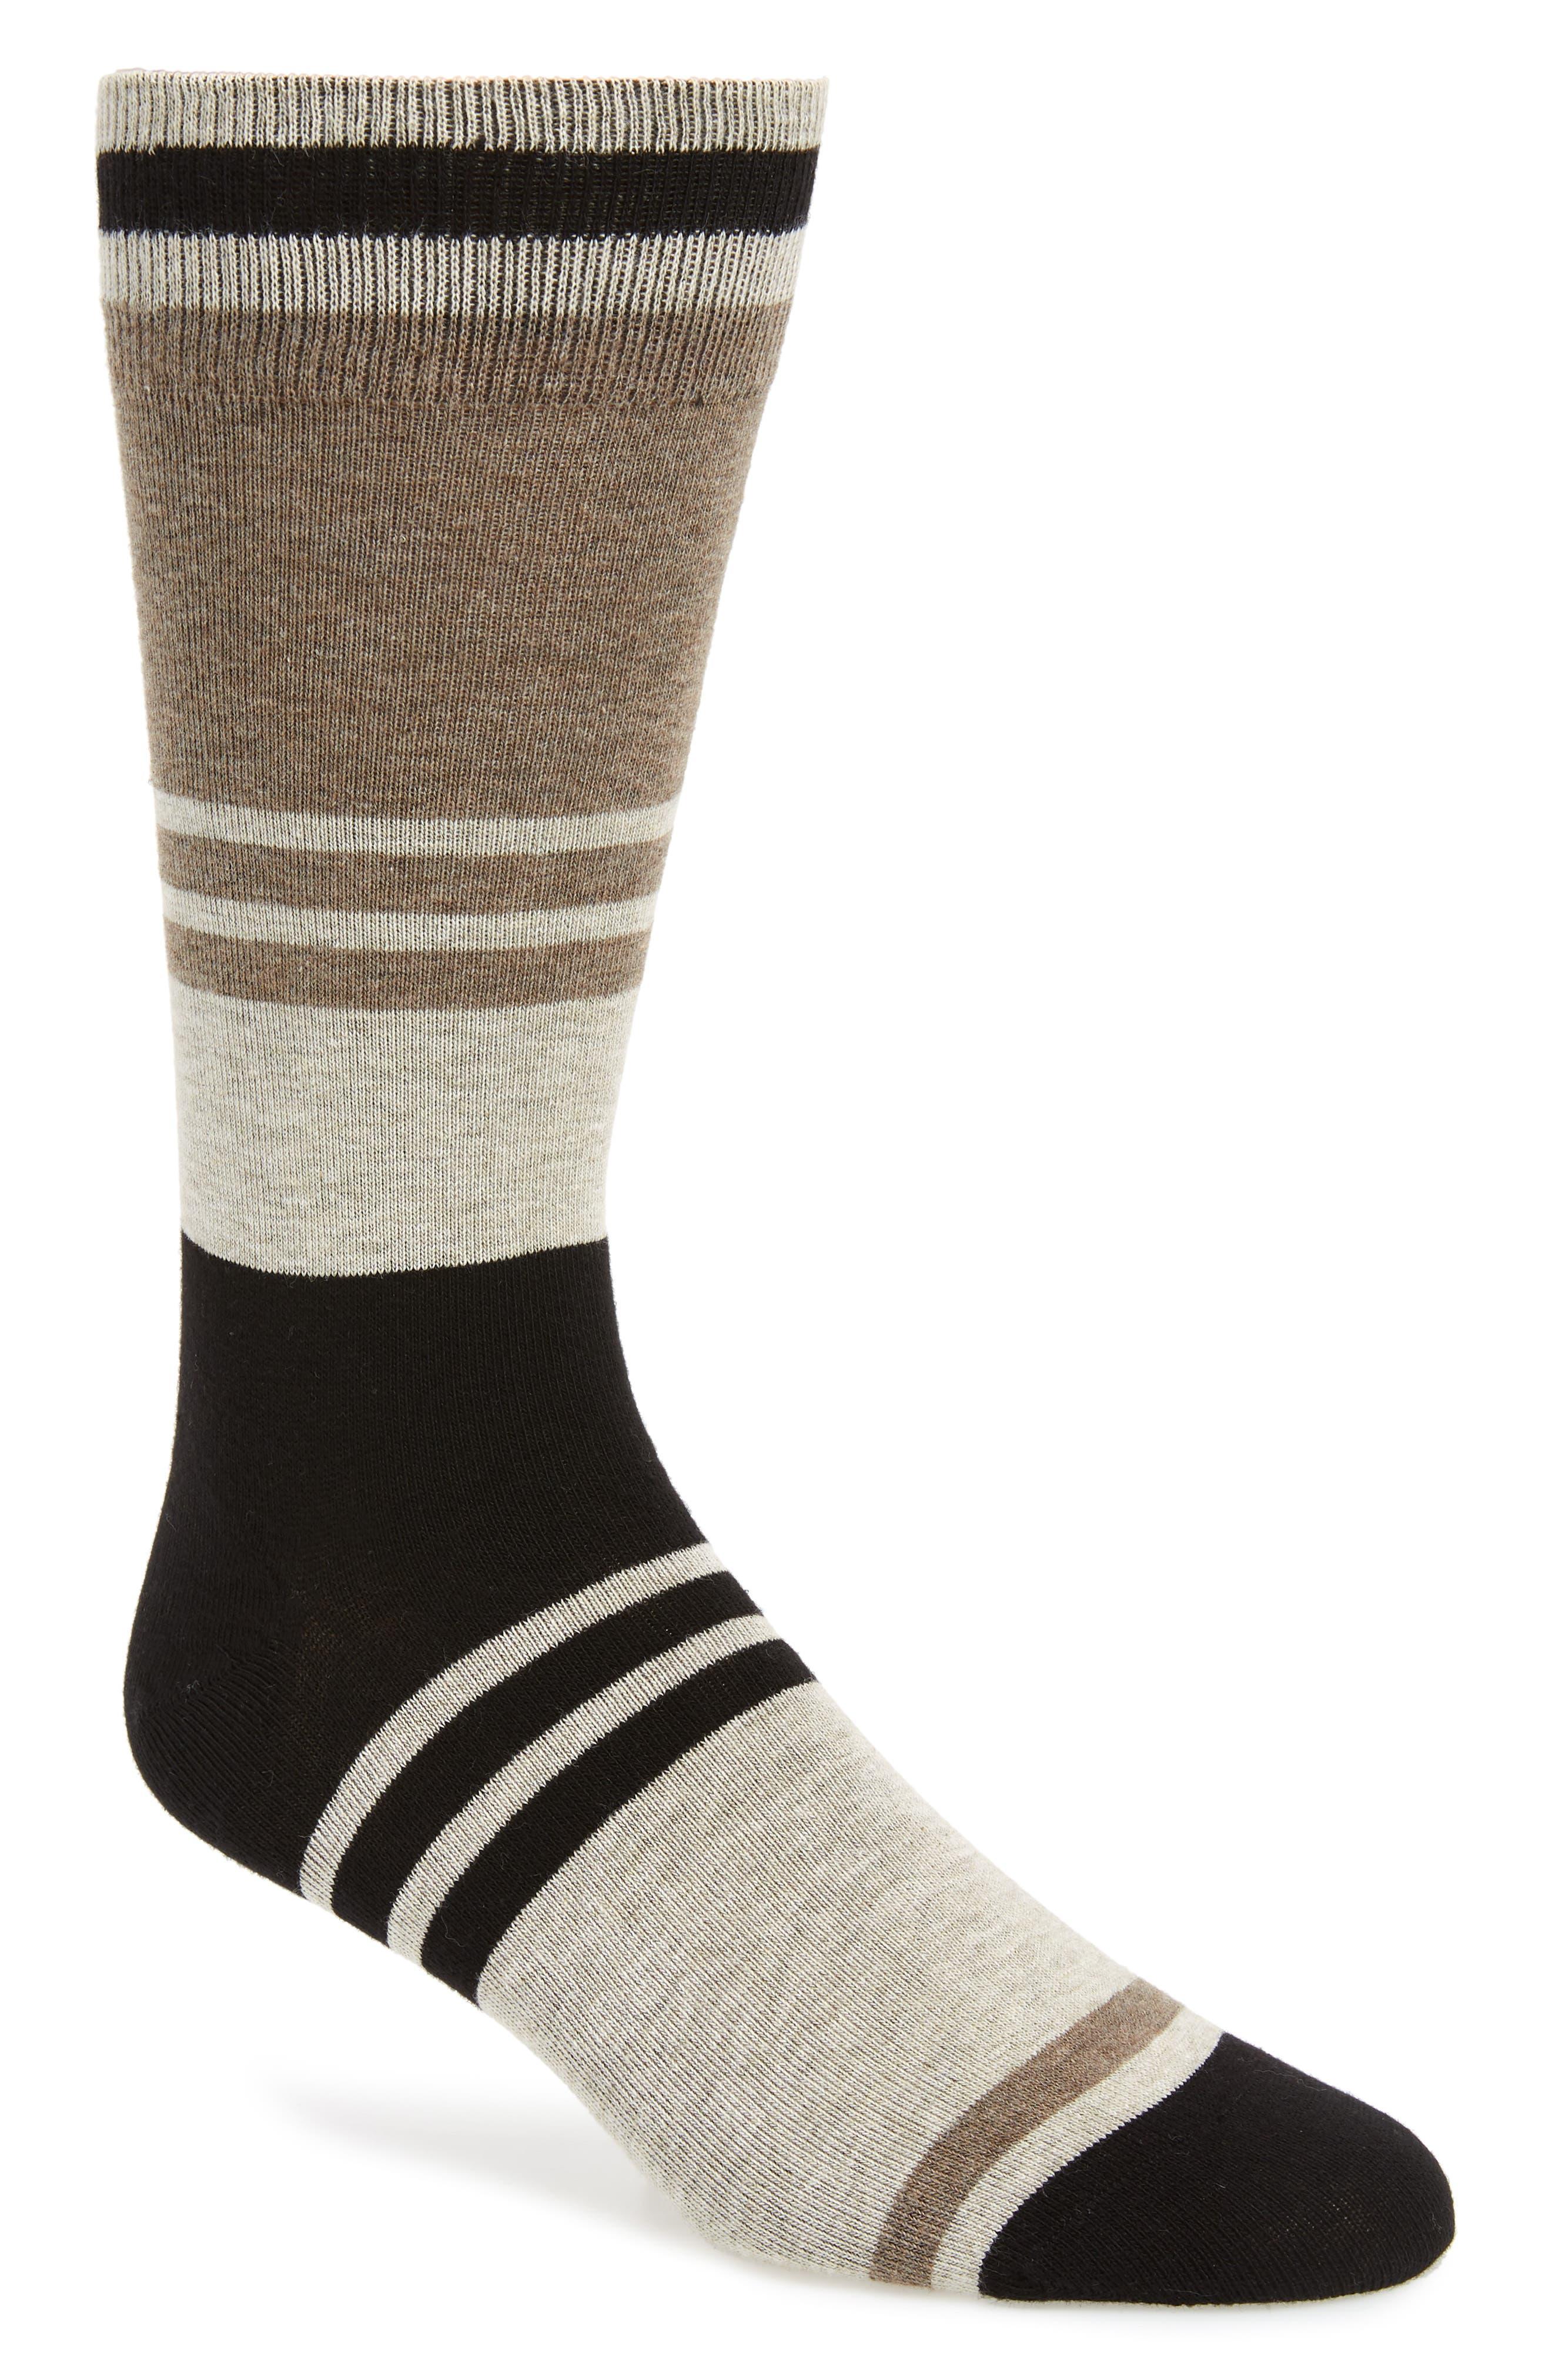 Vintage Men's Socks History-1900 to 1960s Mens Cole Haan Collegiate Colorblock Socks $4.98 AT vintagedancer.com